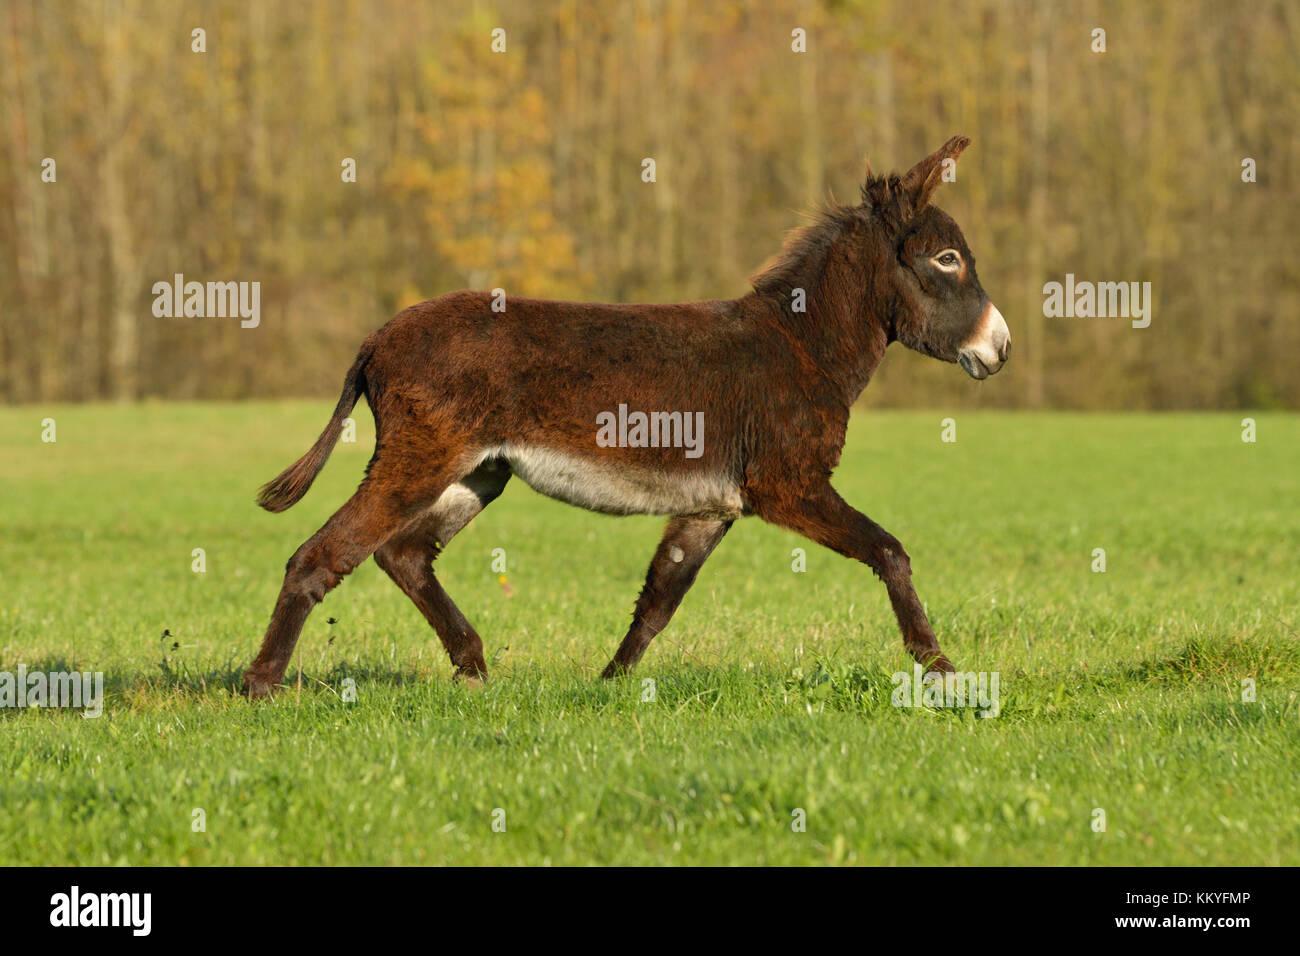 Zwergesel im herbst auf der weide / burro al trote en el campo en otoño Imagen De Stock